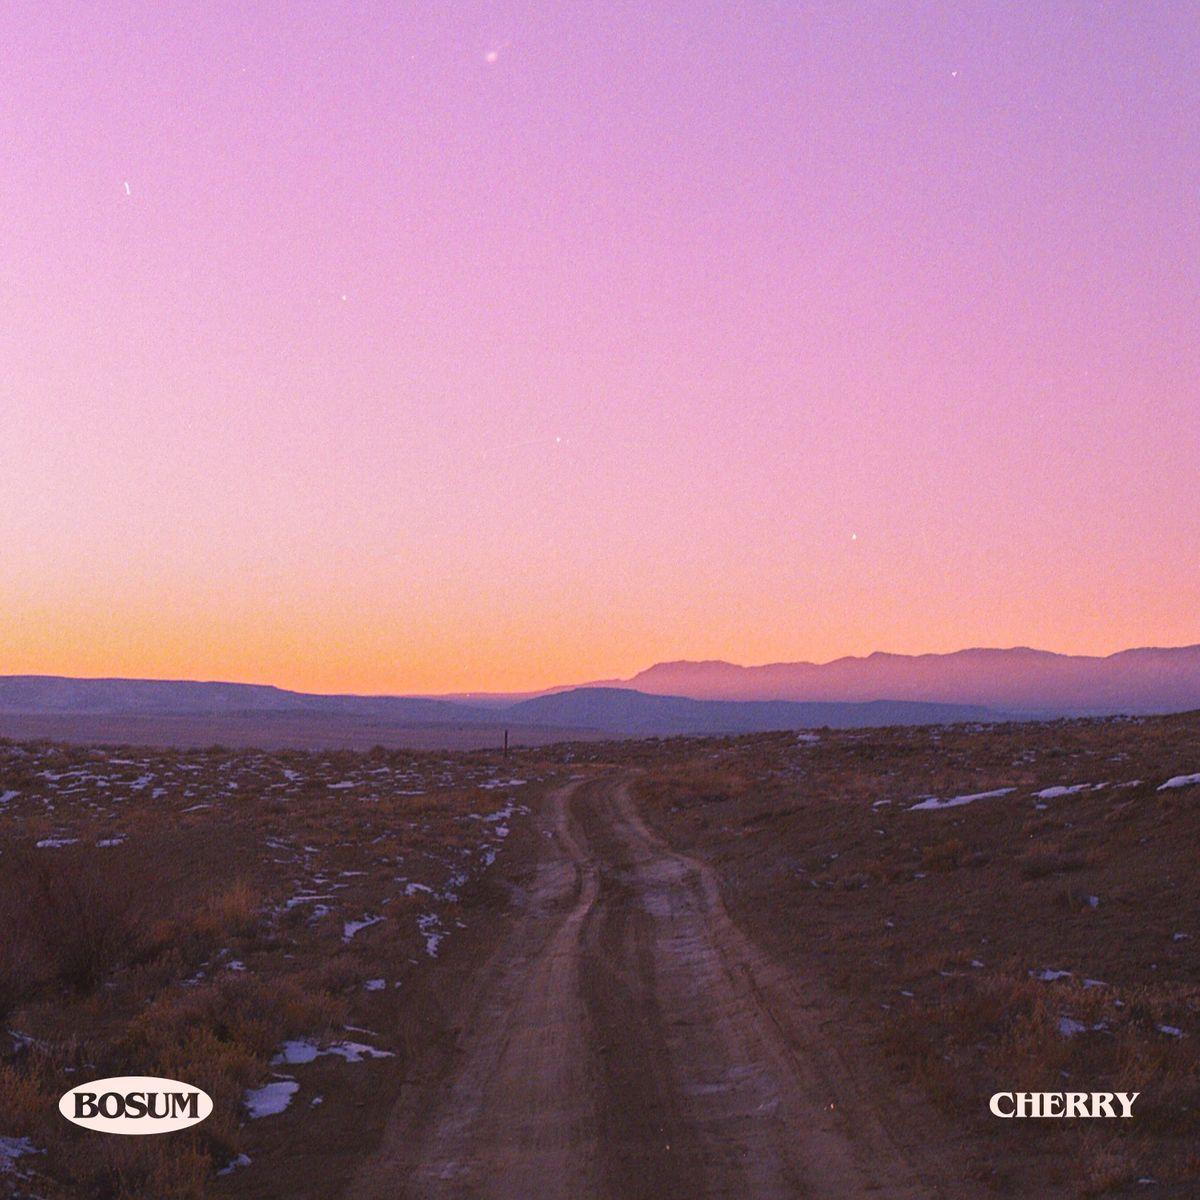 Bosum - Cherry